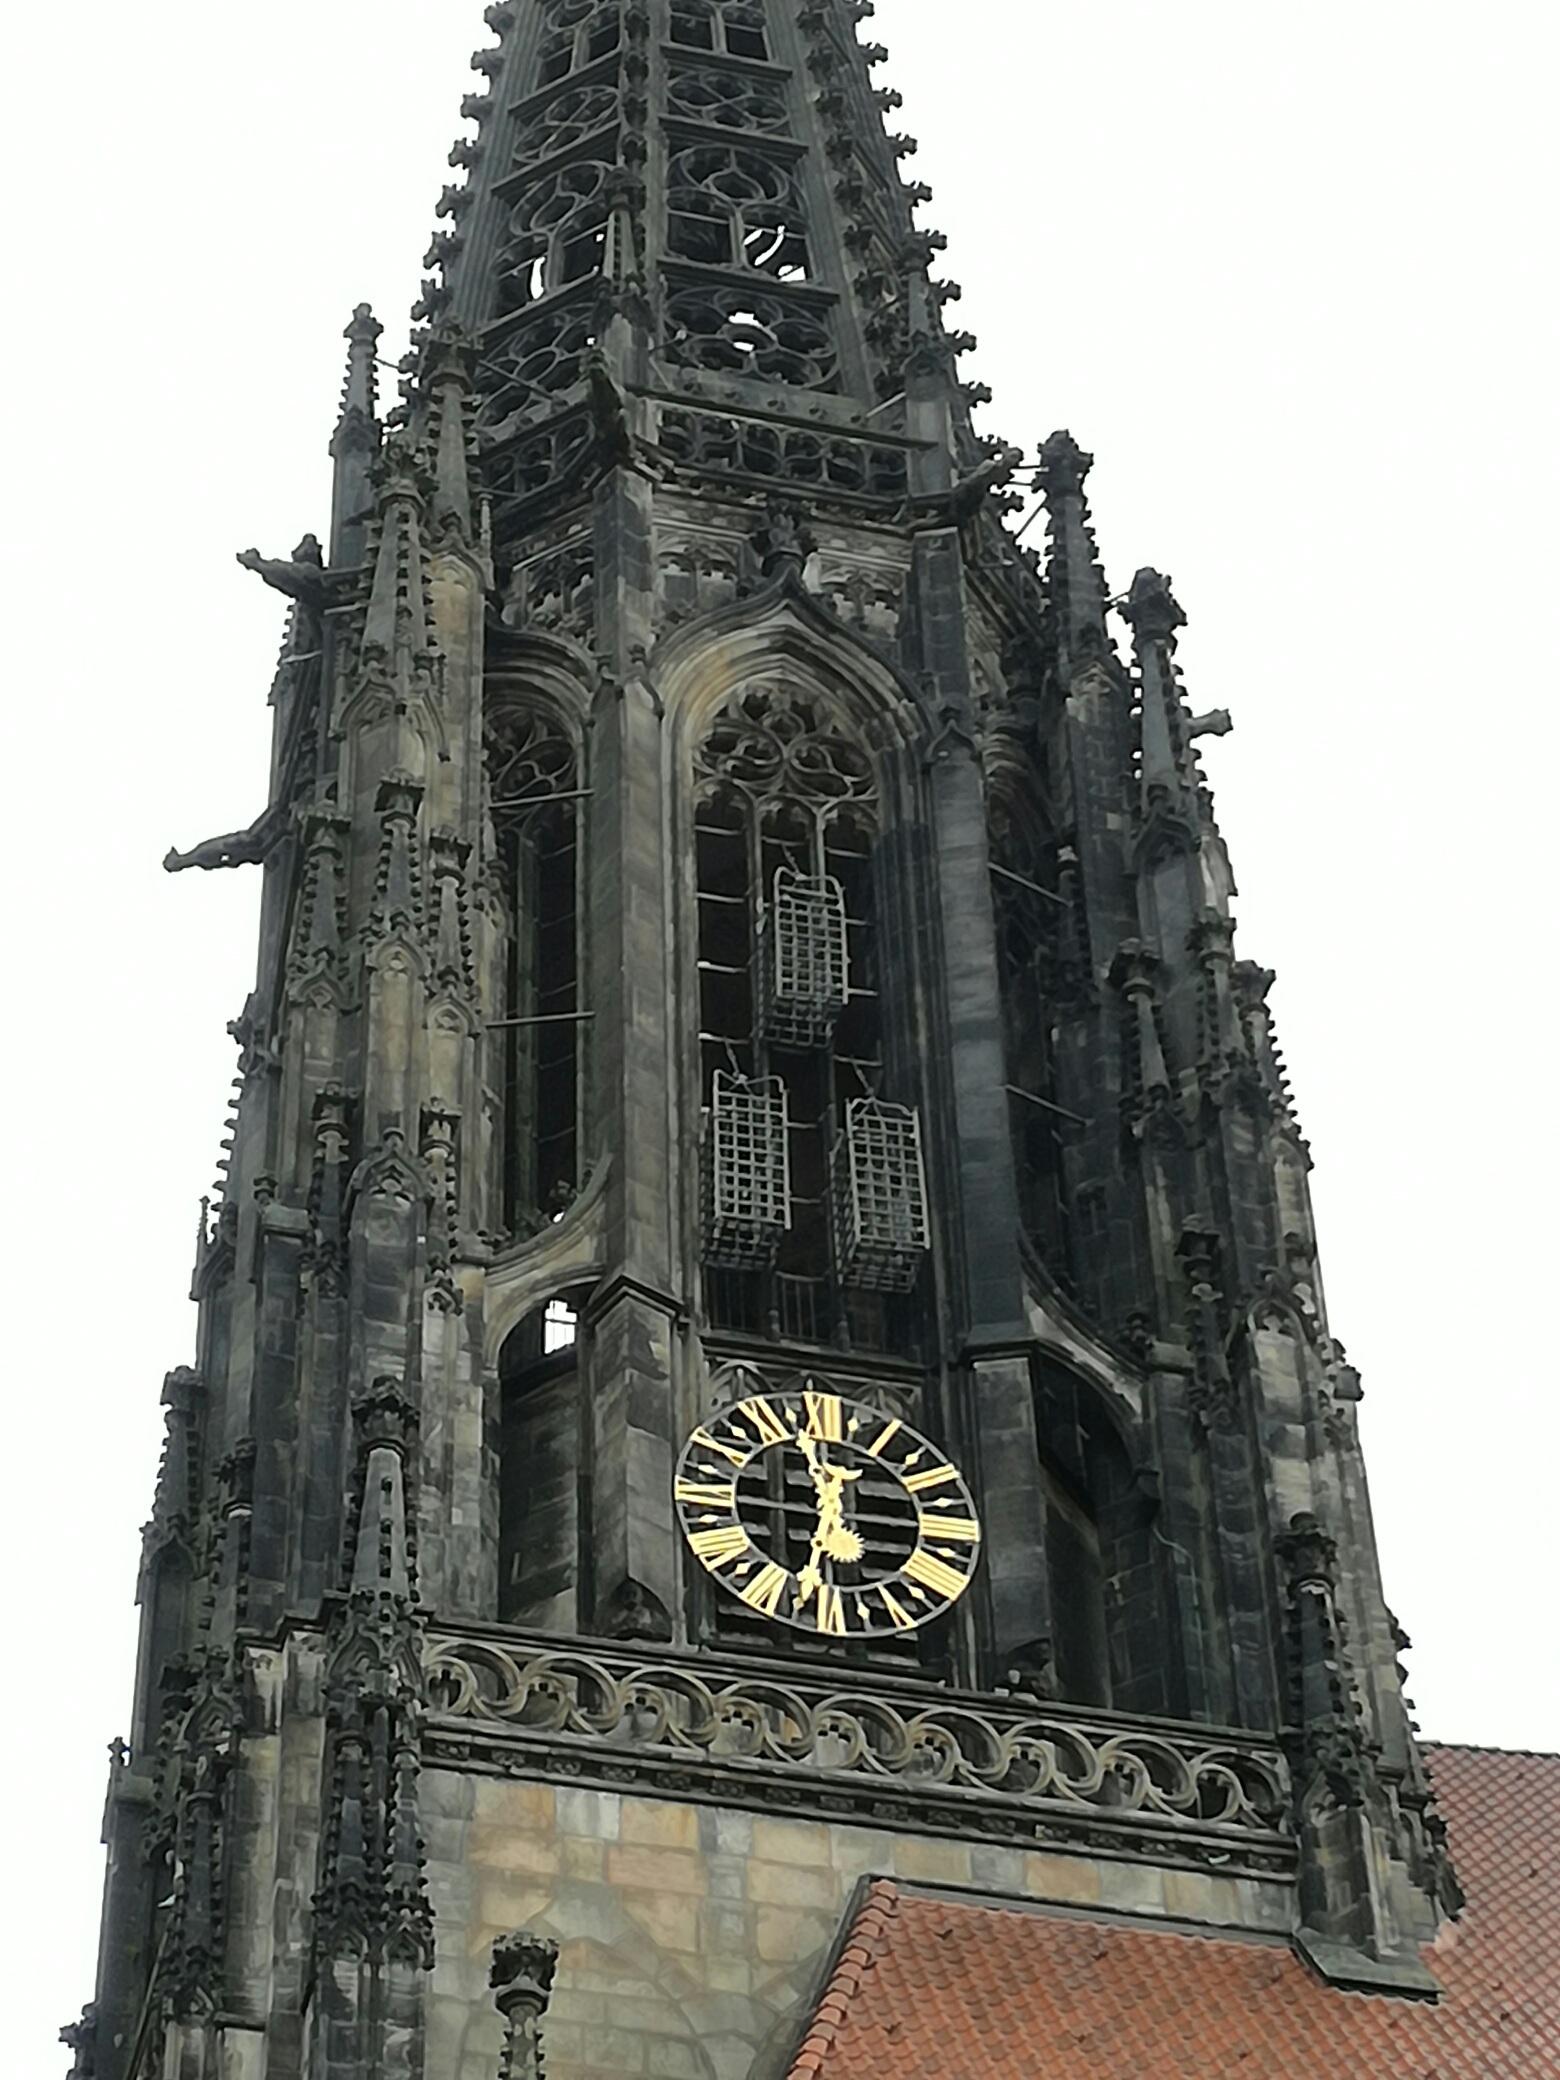 Onze vrouw in Münster: De wederdopers. Nederlandse terreur in Münster